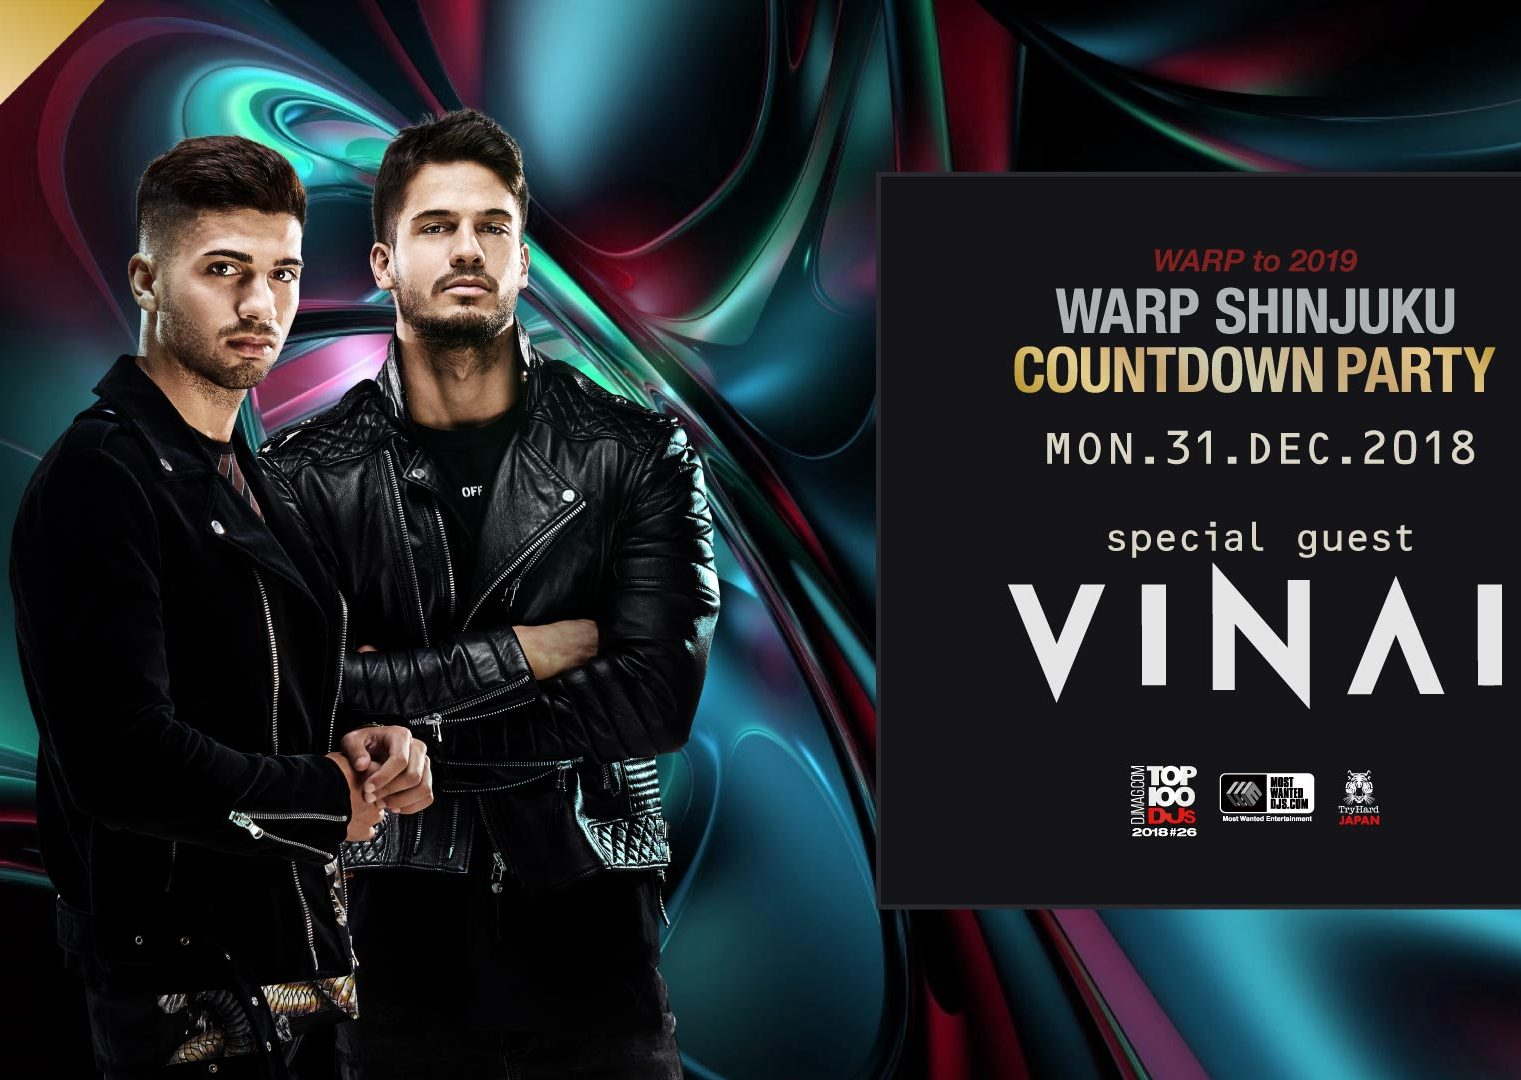 2018年12月31日(月)、「WARP SHINJUKU」のカウントダウンにVINAIが出演決定!